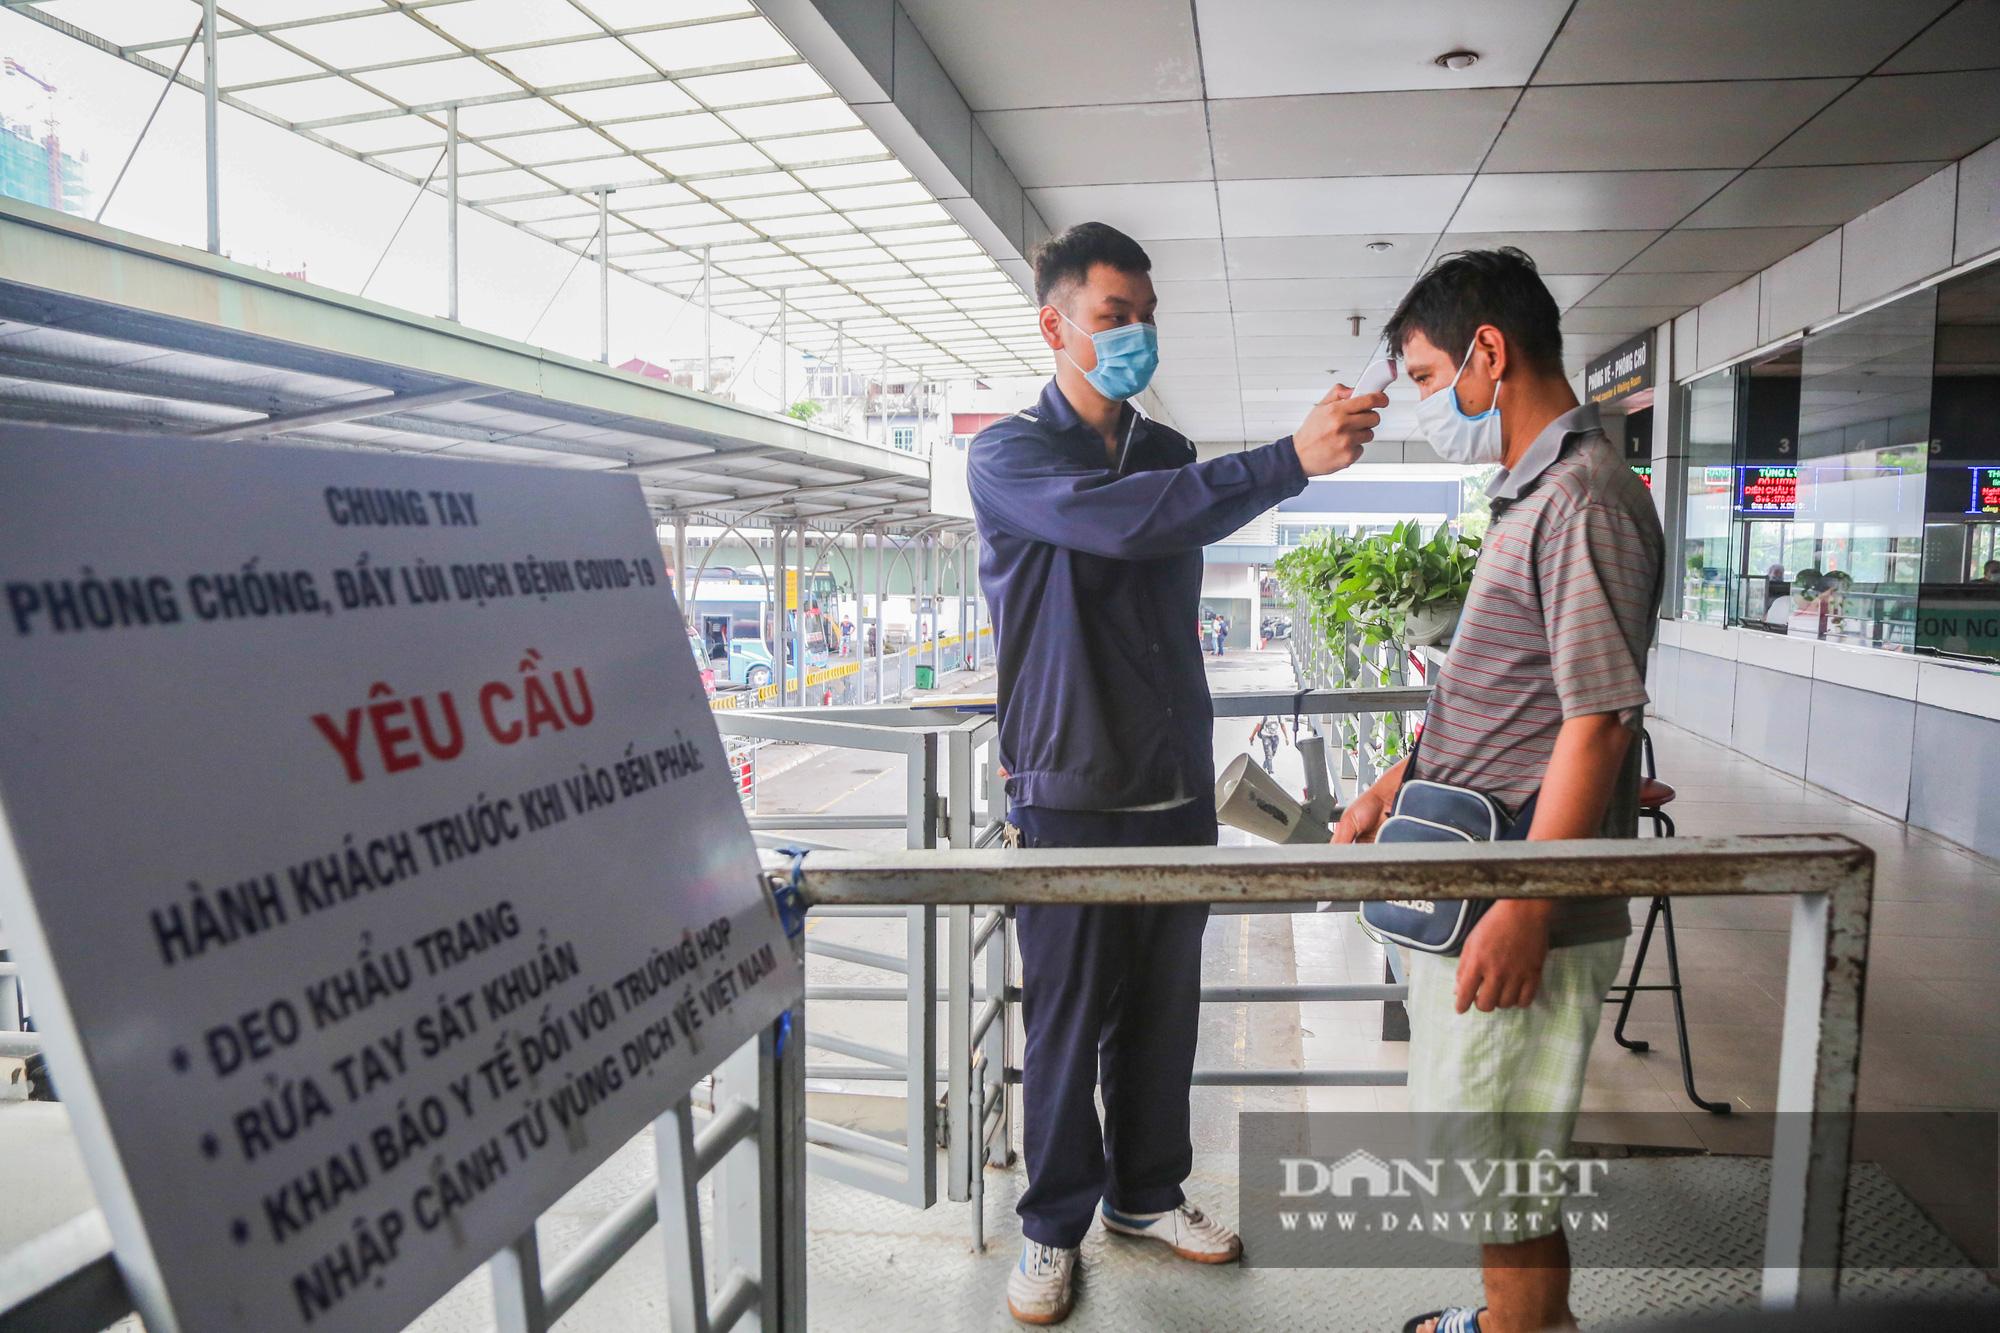 Các bến xe tại Hà Nội dùng biện pháp gì để phòng chống dịch Covid-19   - Ảnh 10.